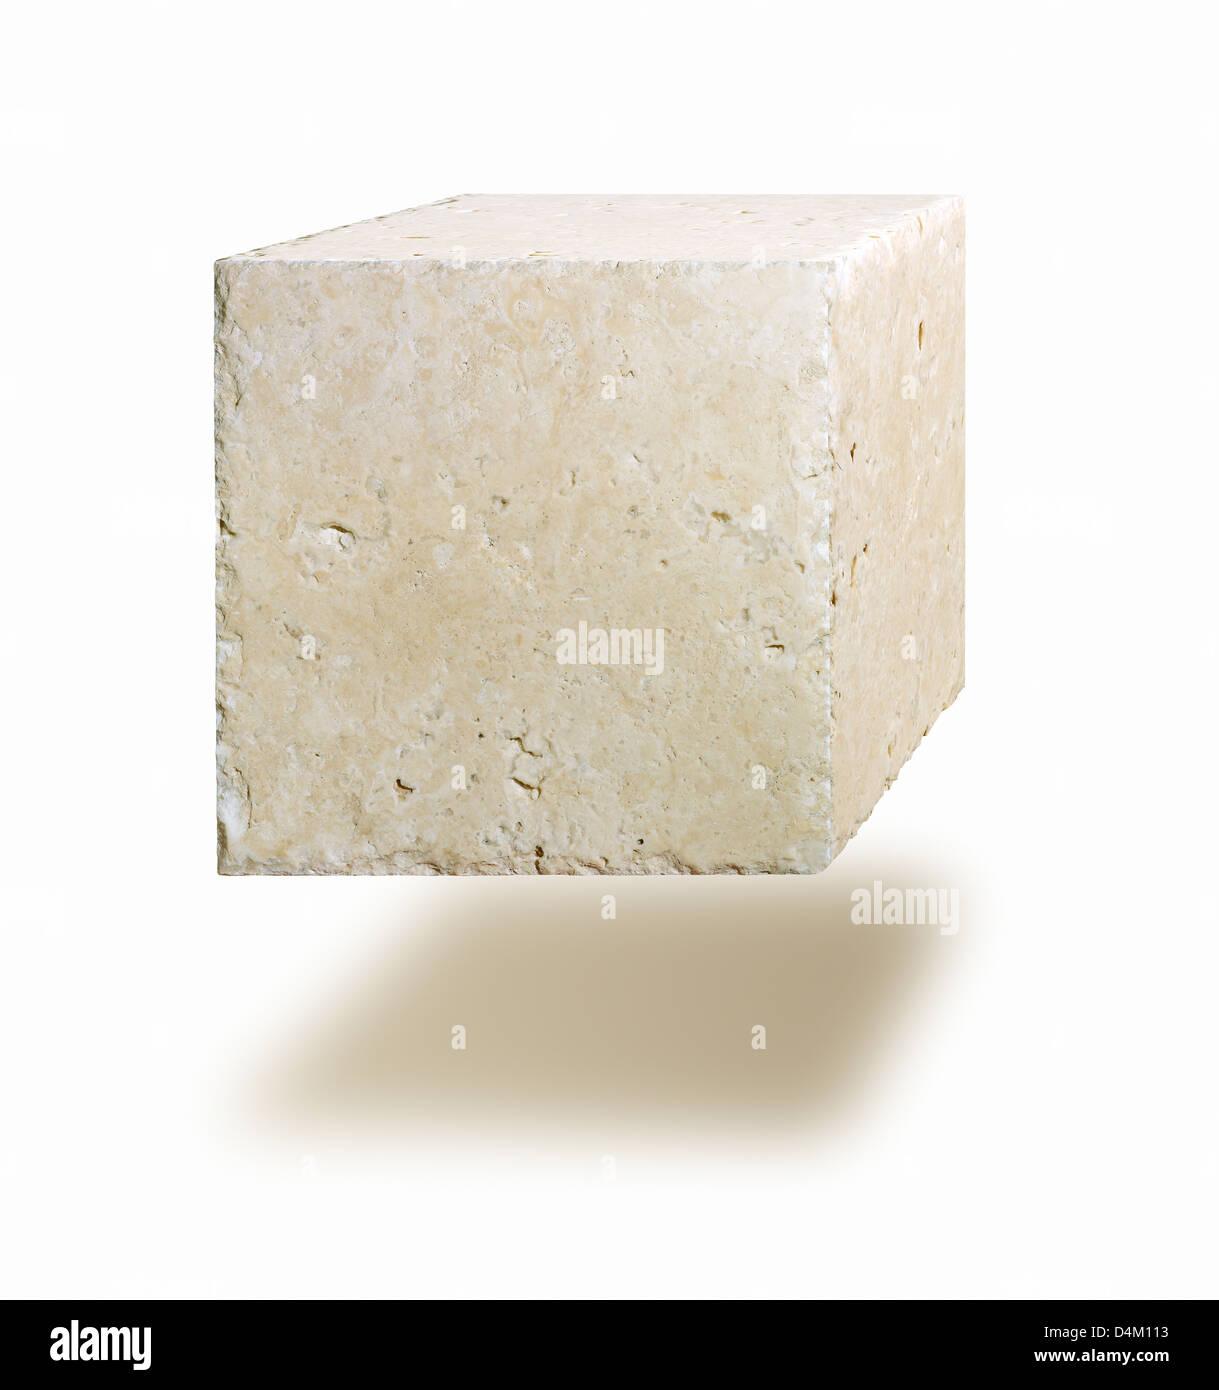 Cubo de mármol flotando en el aire contra el fondo blanco. Imagen De Stock